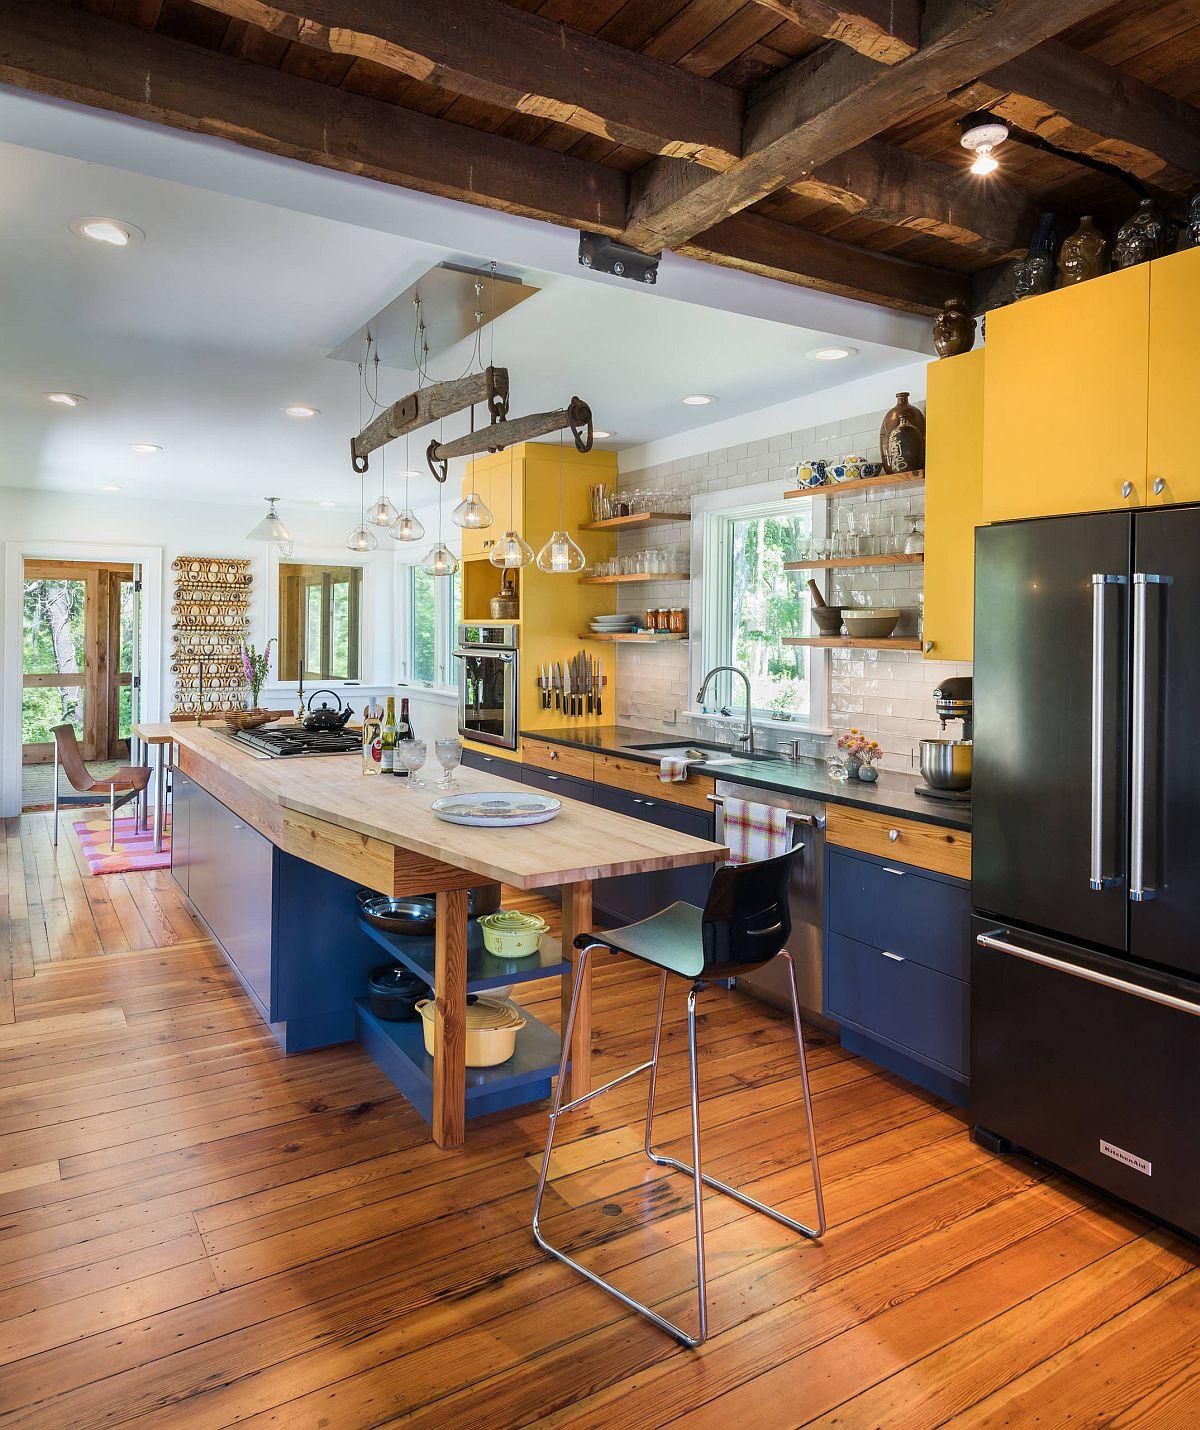 Phòng bếp phong cách trang trại hiện đại với bảng màu đa sắc từ xanh lam, vàng đến đen và nâu gỗ ấm áp, thân thiện.